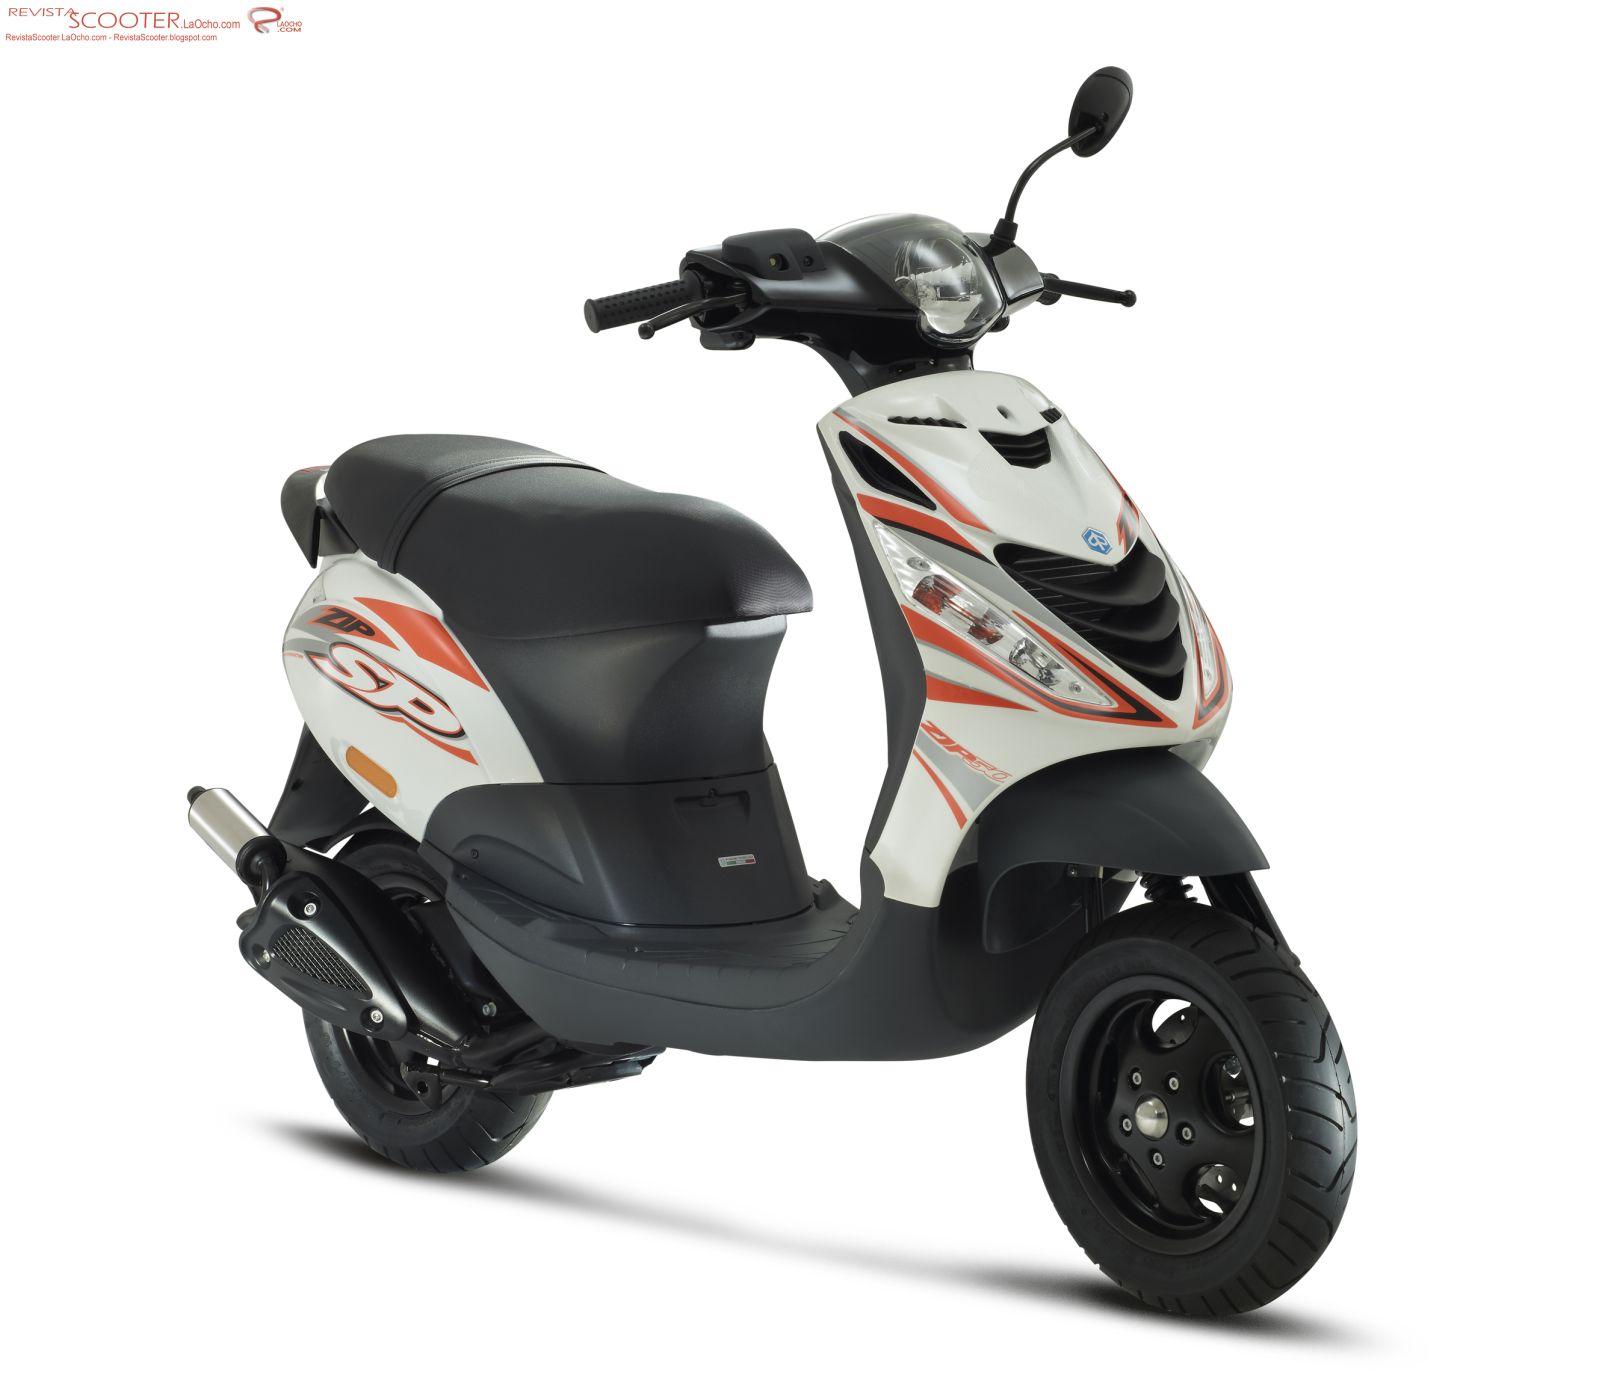 revista scooter nueva piaggio zip sp. Black Bedroom Furniture Sets. Home Design Ideas